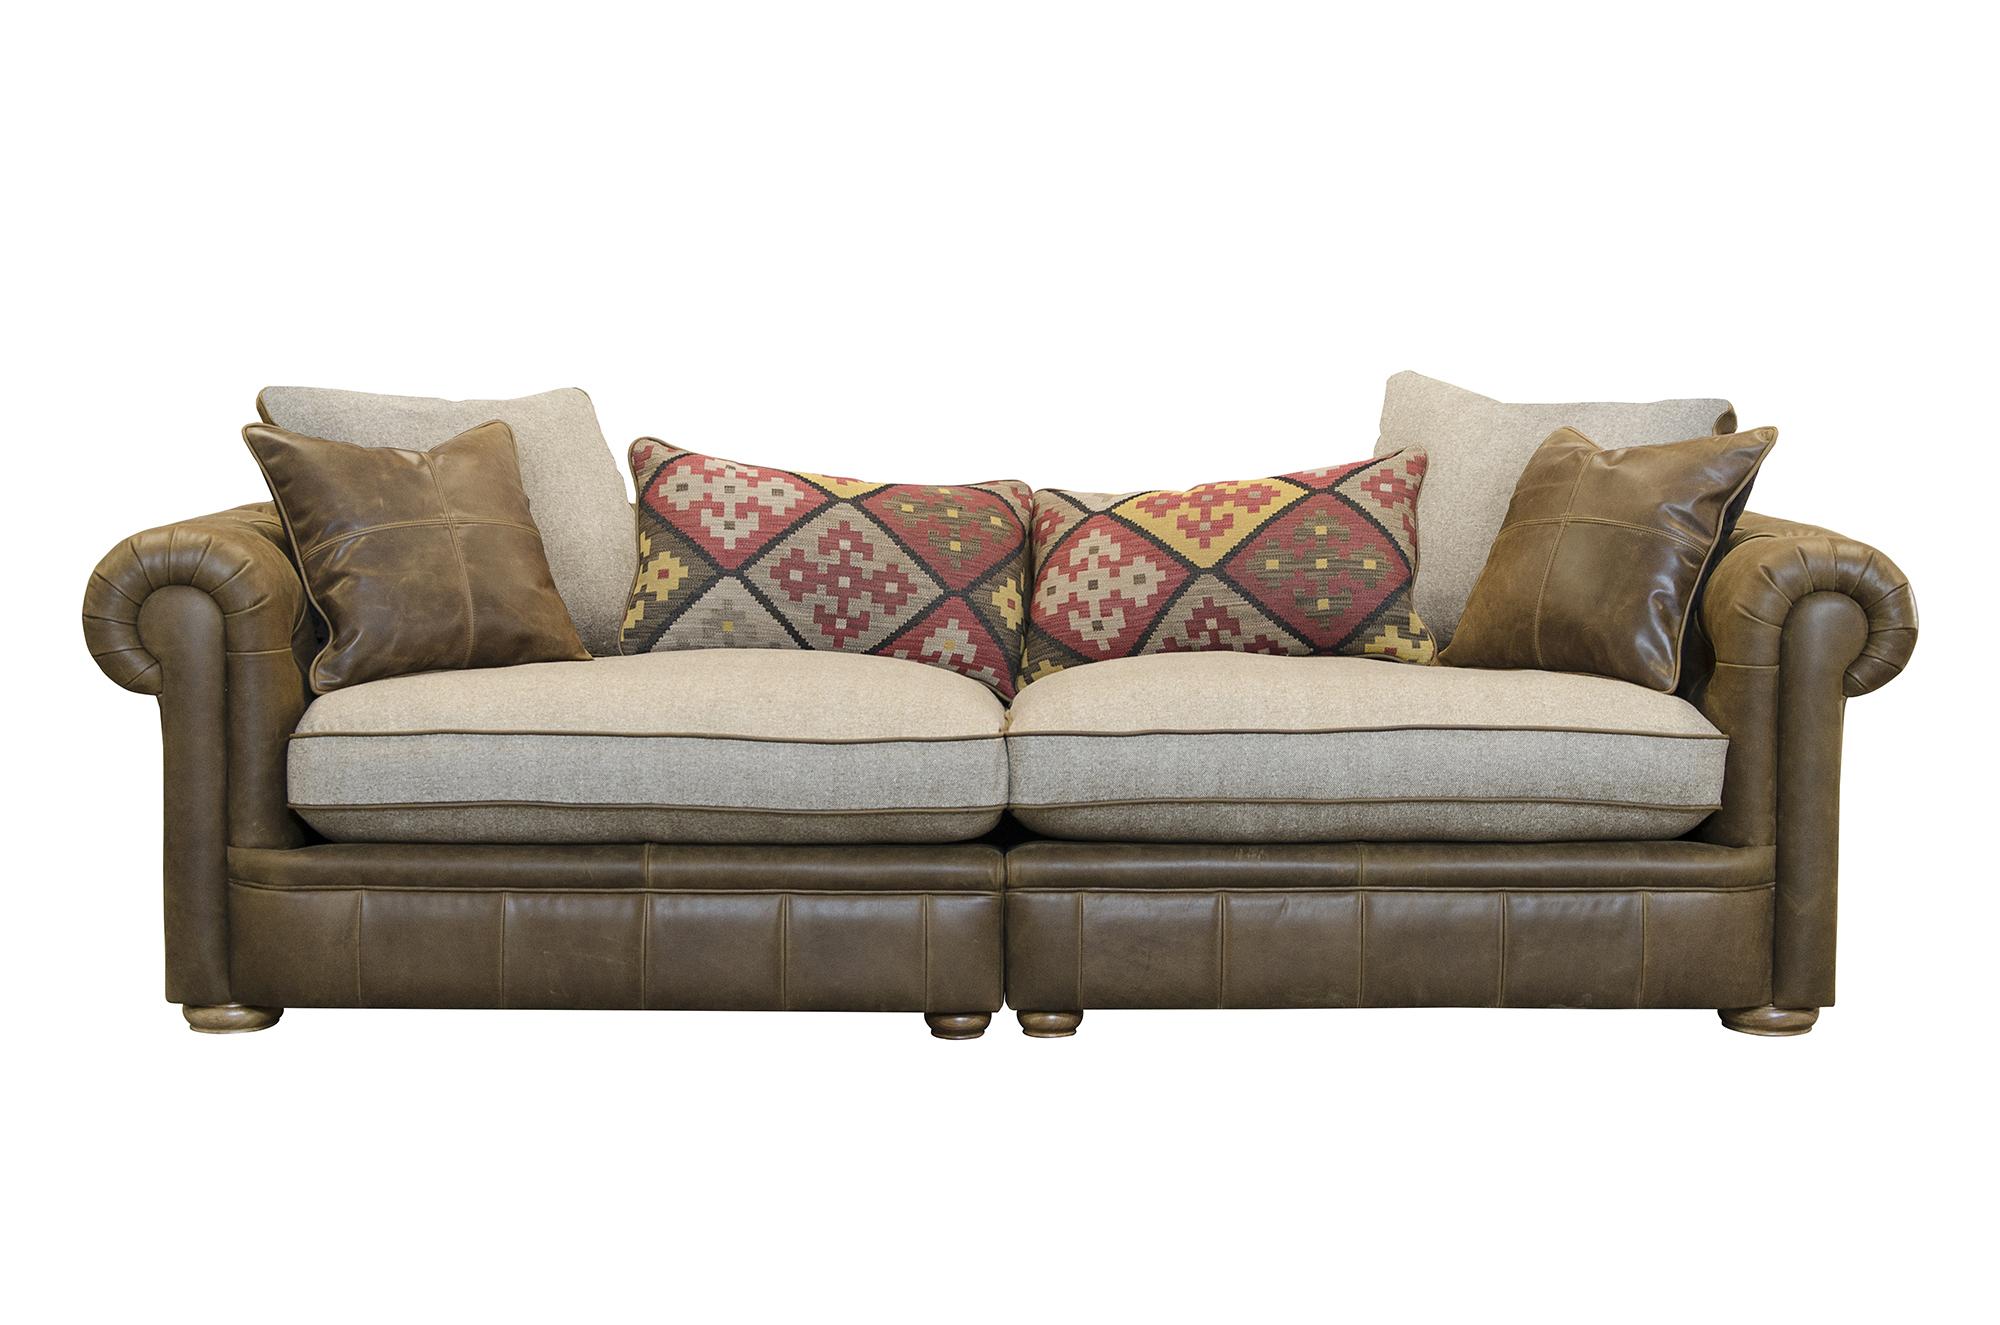 The Retreat Maxi Split Sofa in Jin Brown